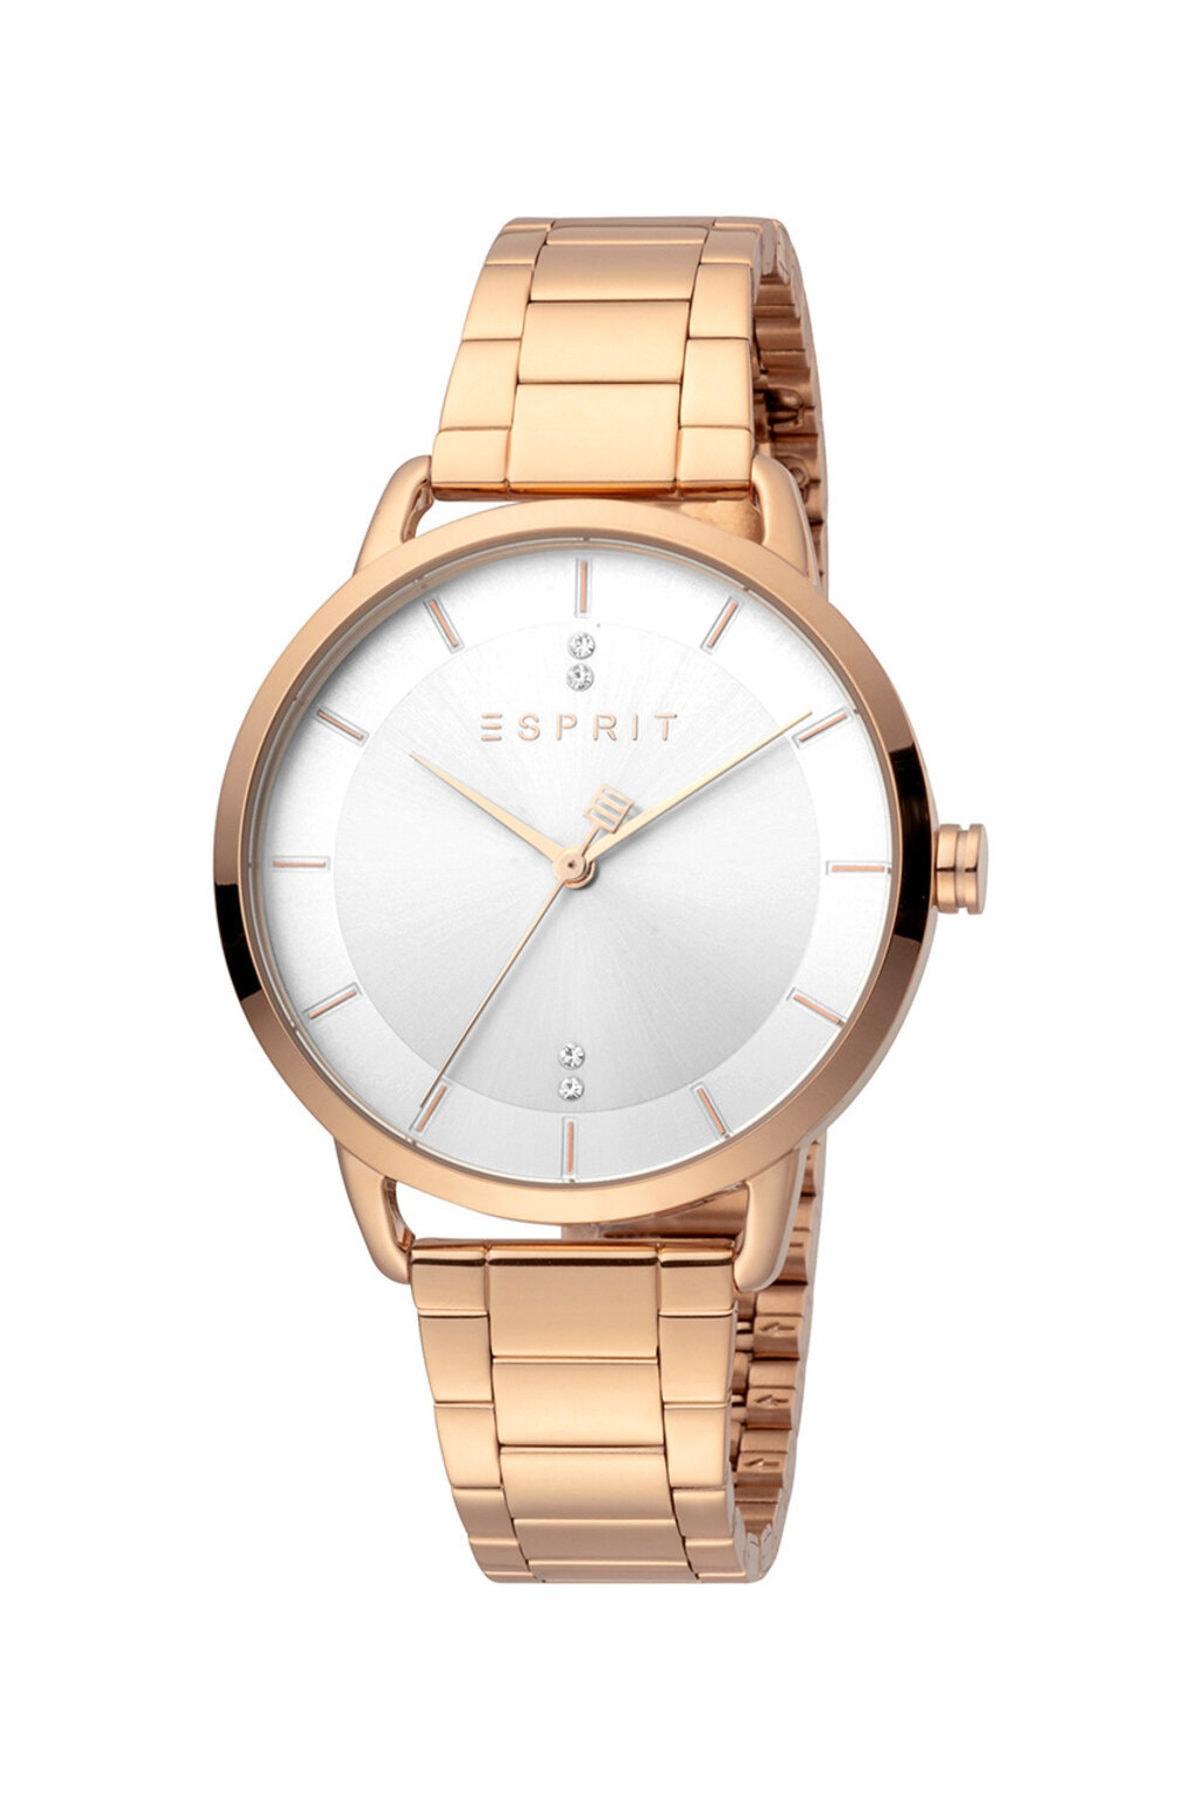 Esprit ES1L215M0095 Kadın Kol Saati 1